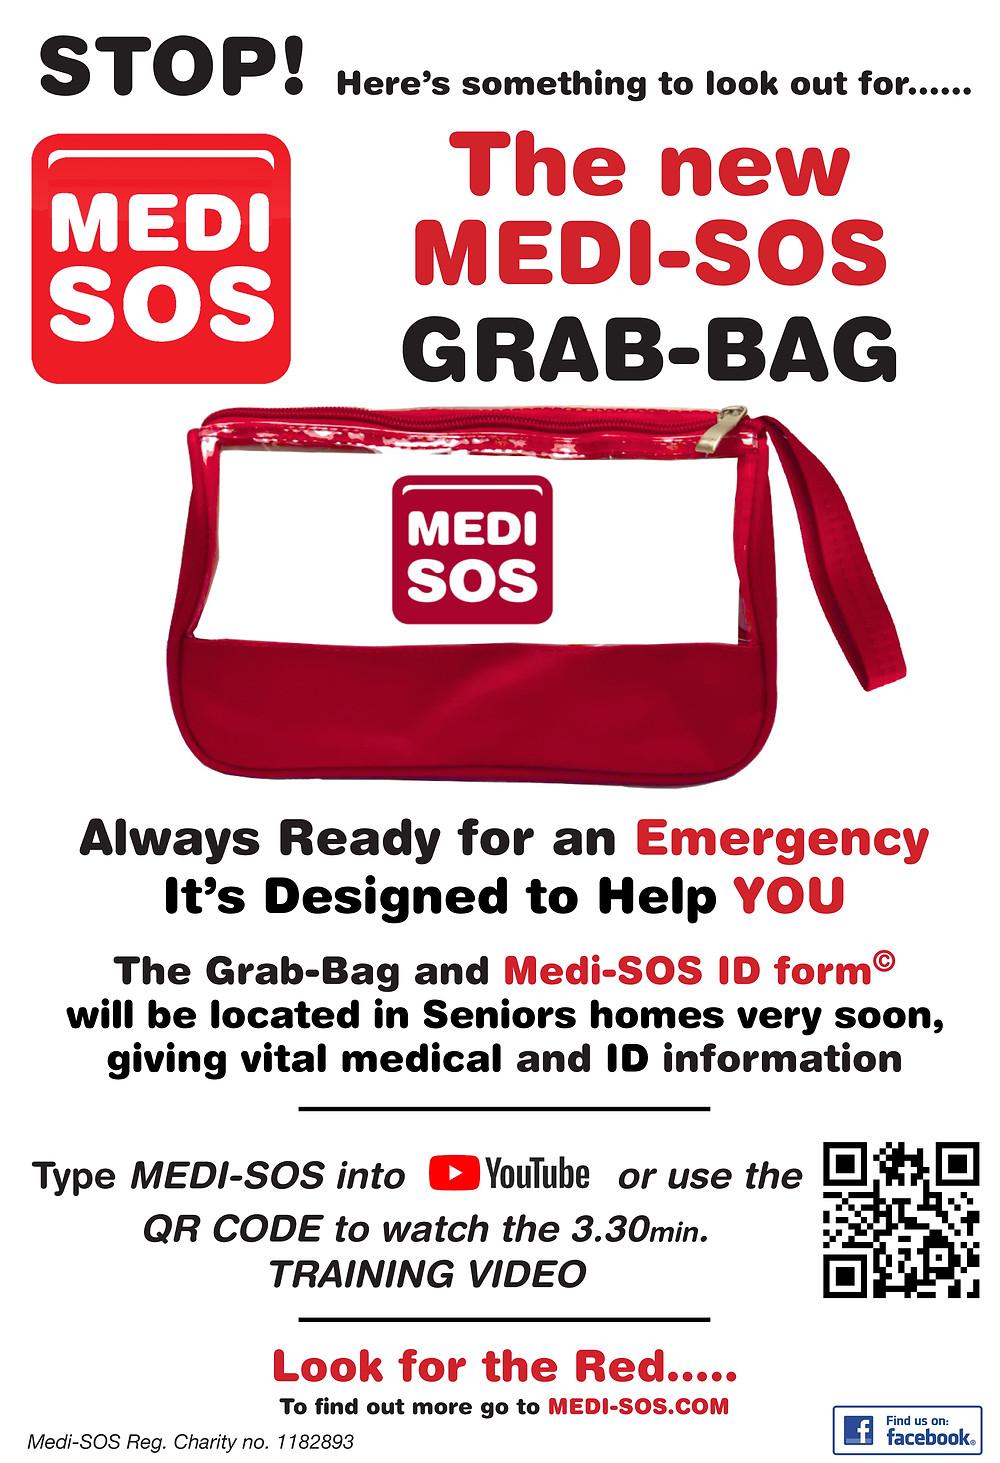 MEDI-SOS GRAB-BAG A4 POSTER